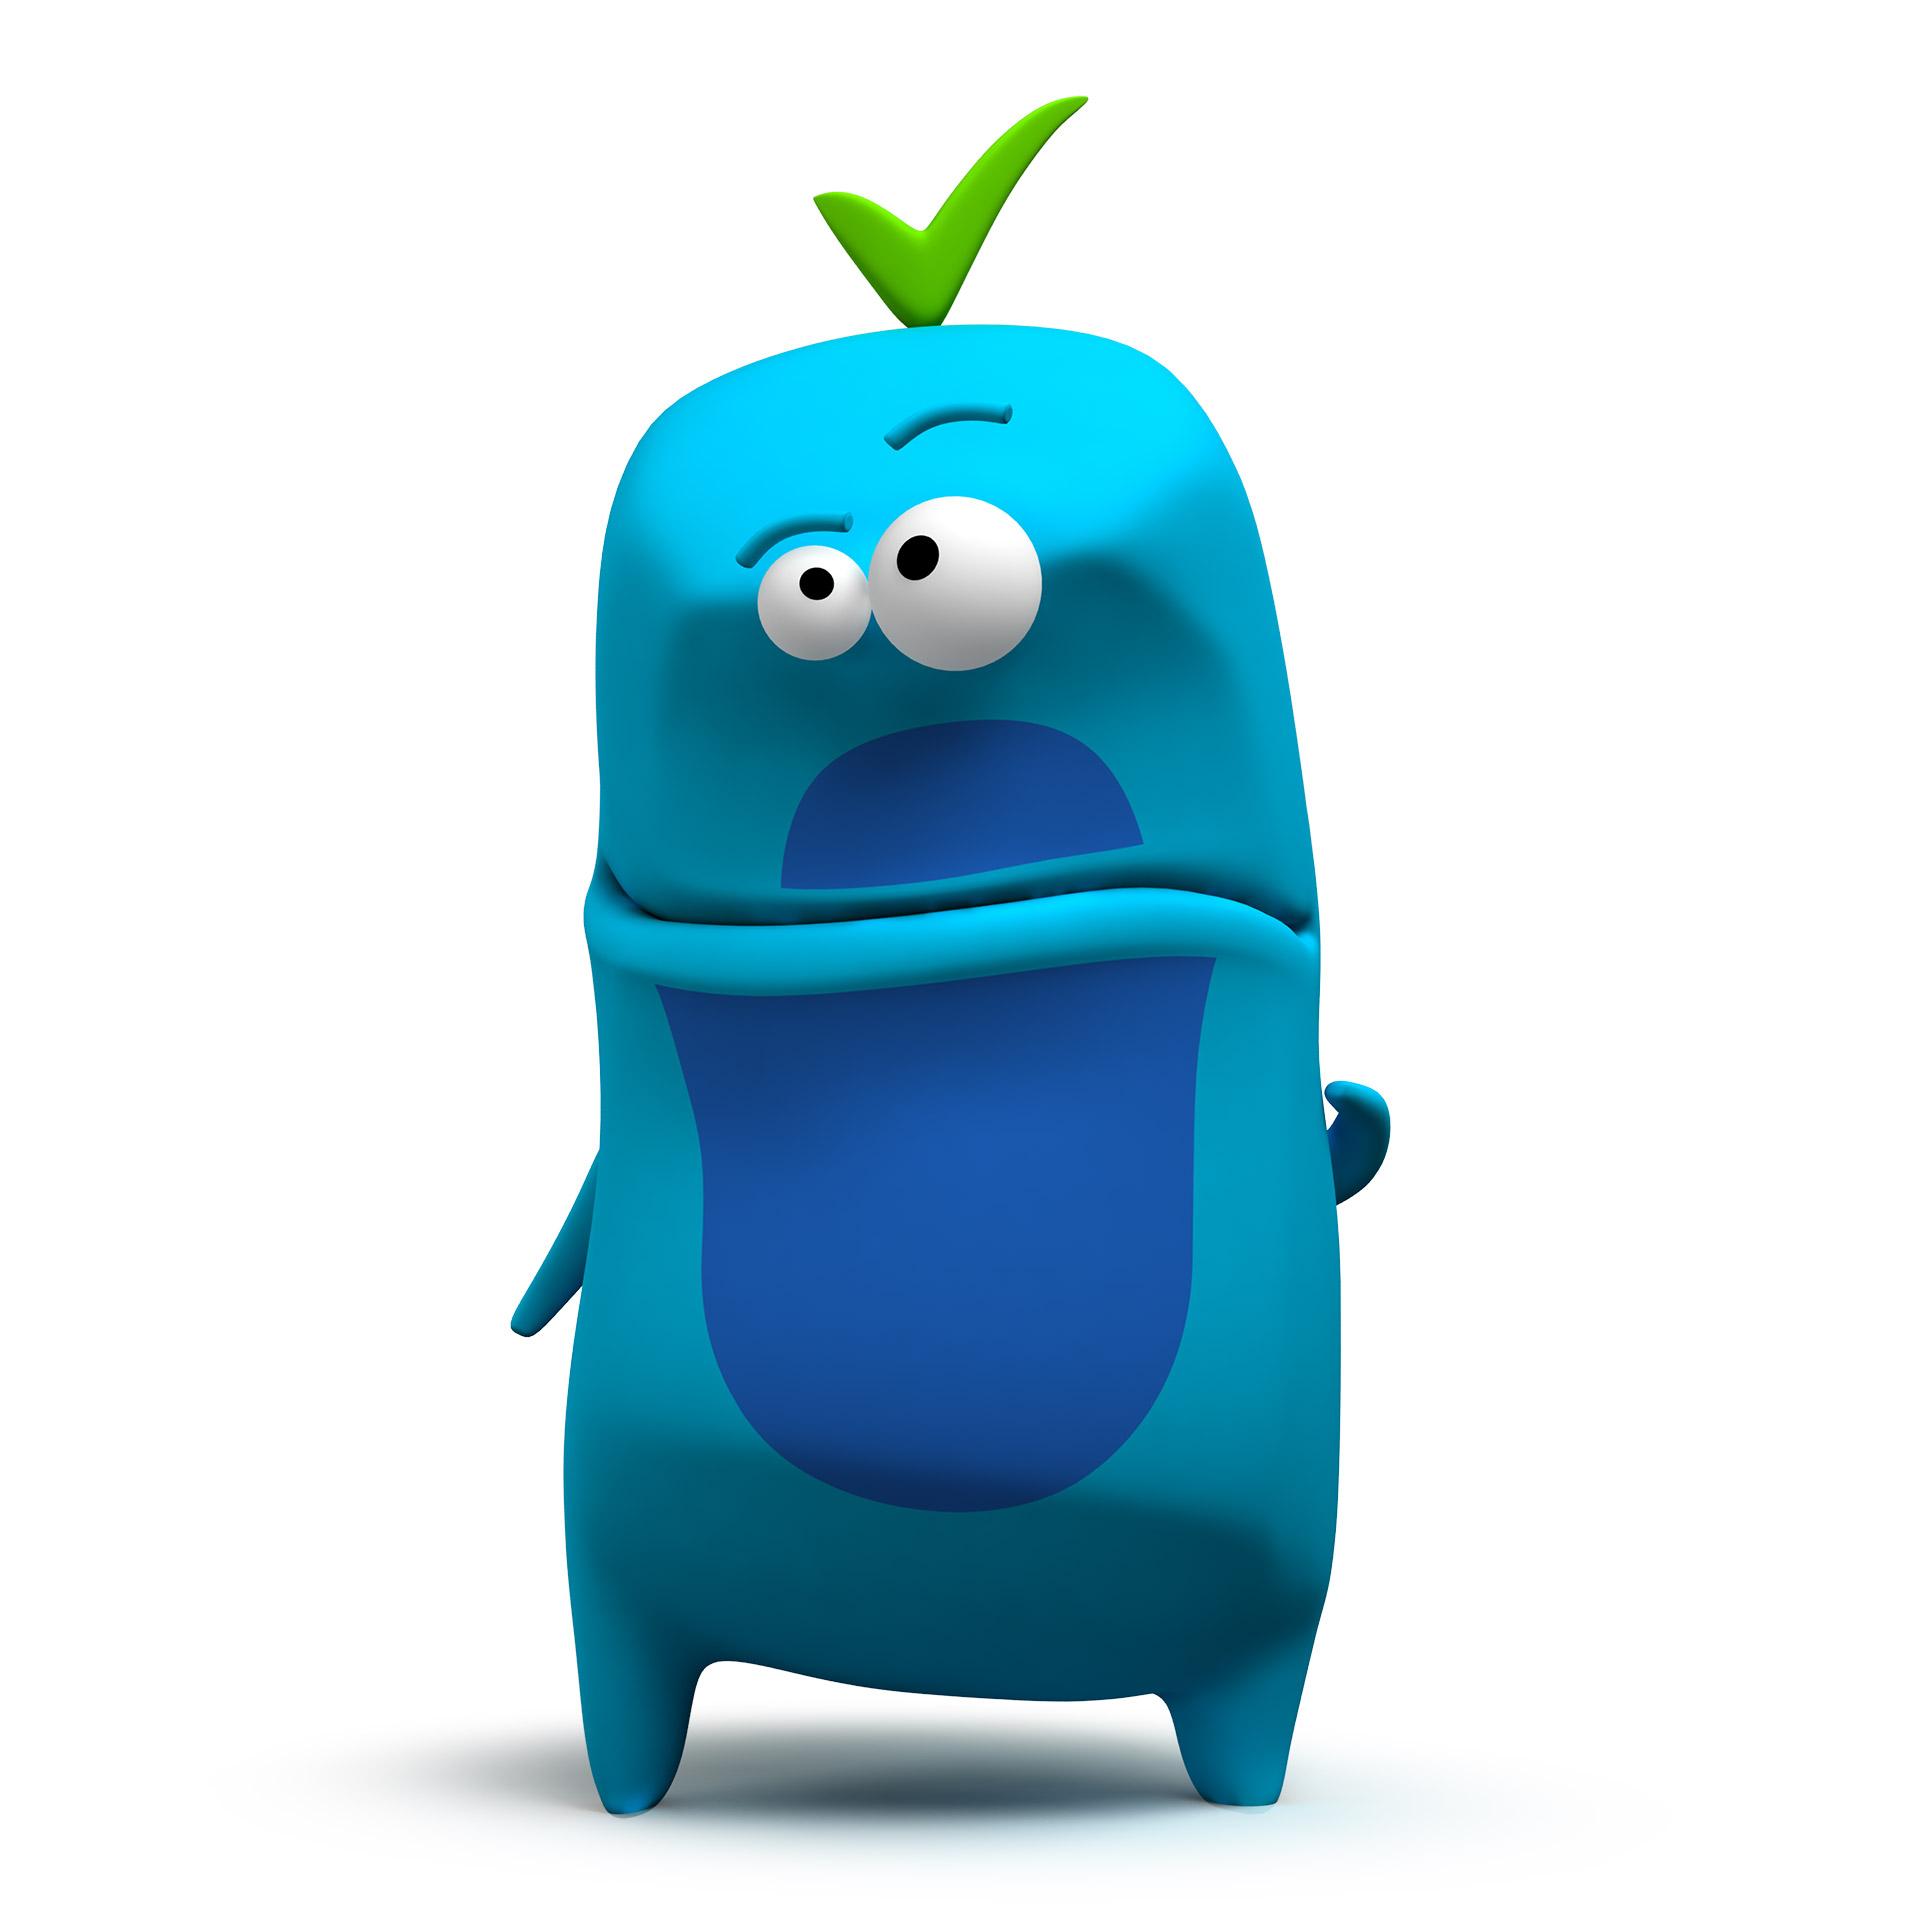 credius branding mascots